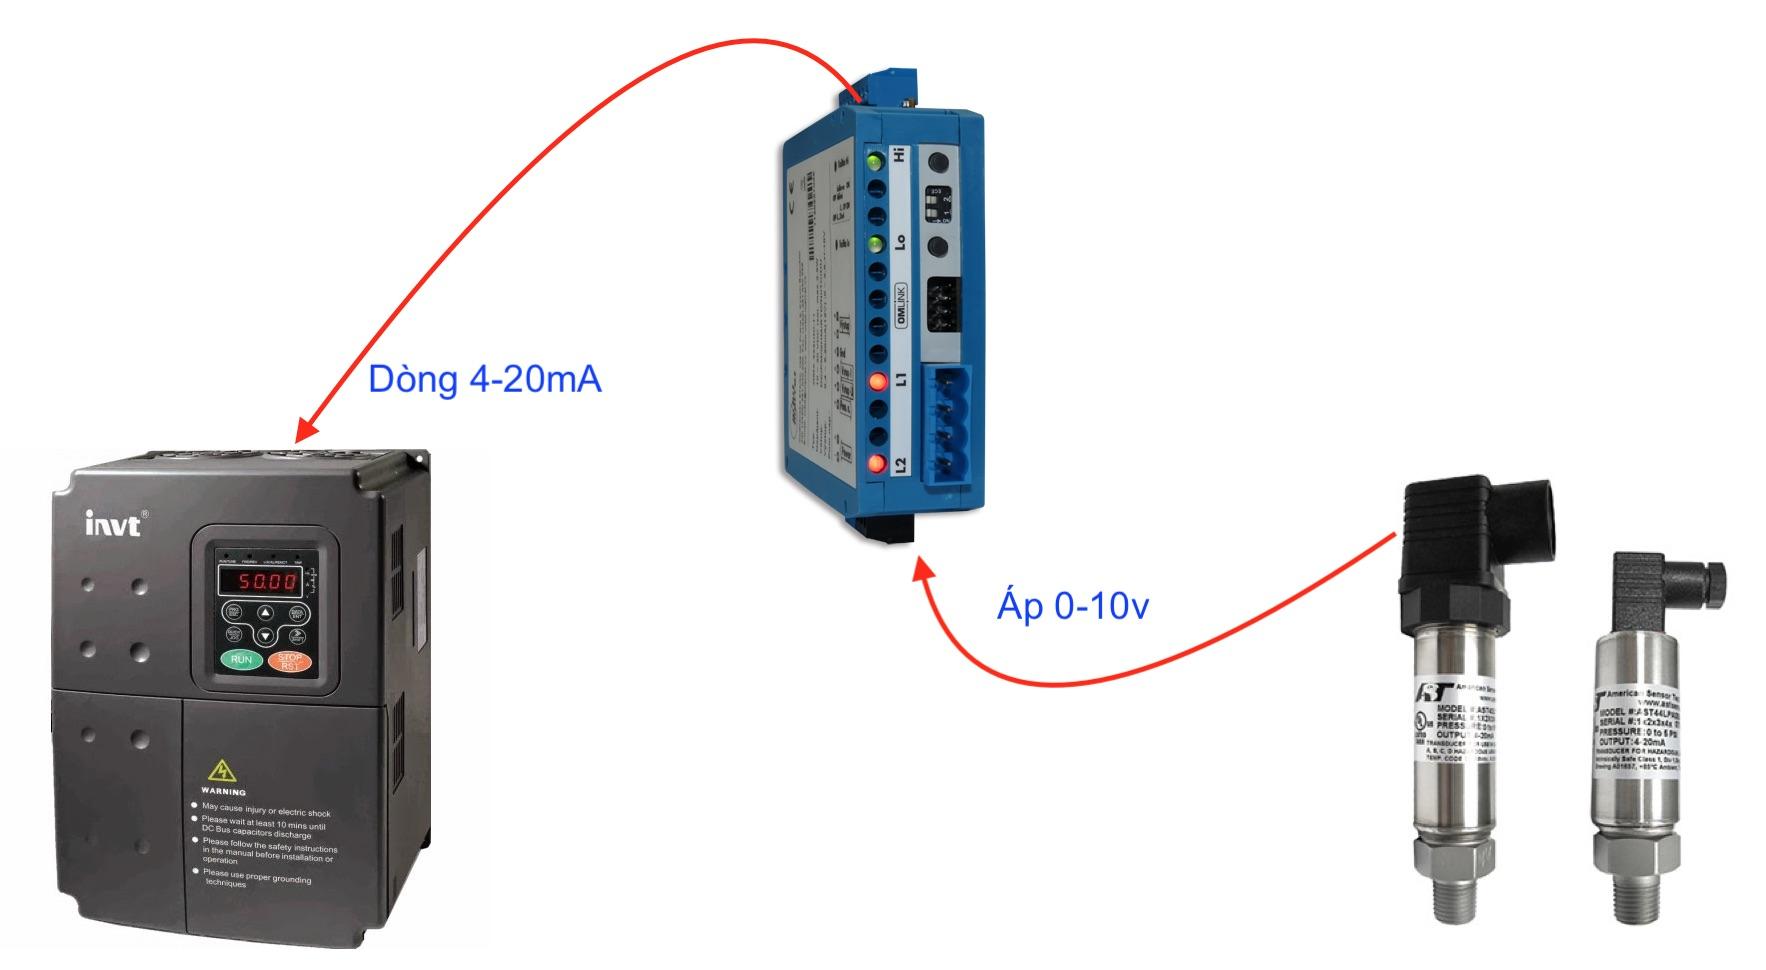 Mô tả ứng dụng bộ chuyển đôi 0-10v sang 4-20mA